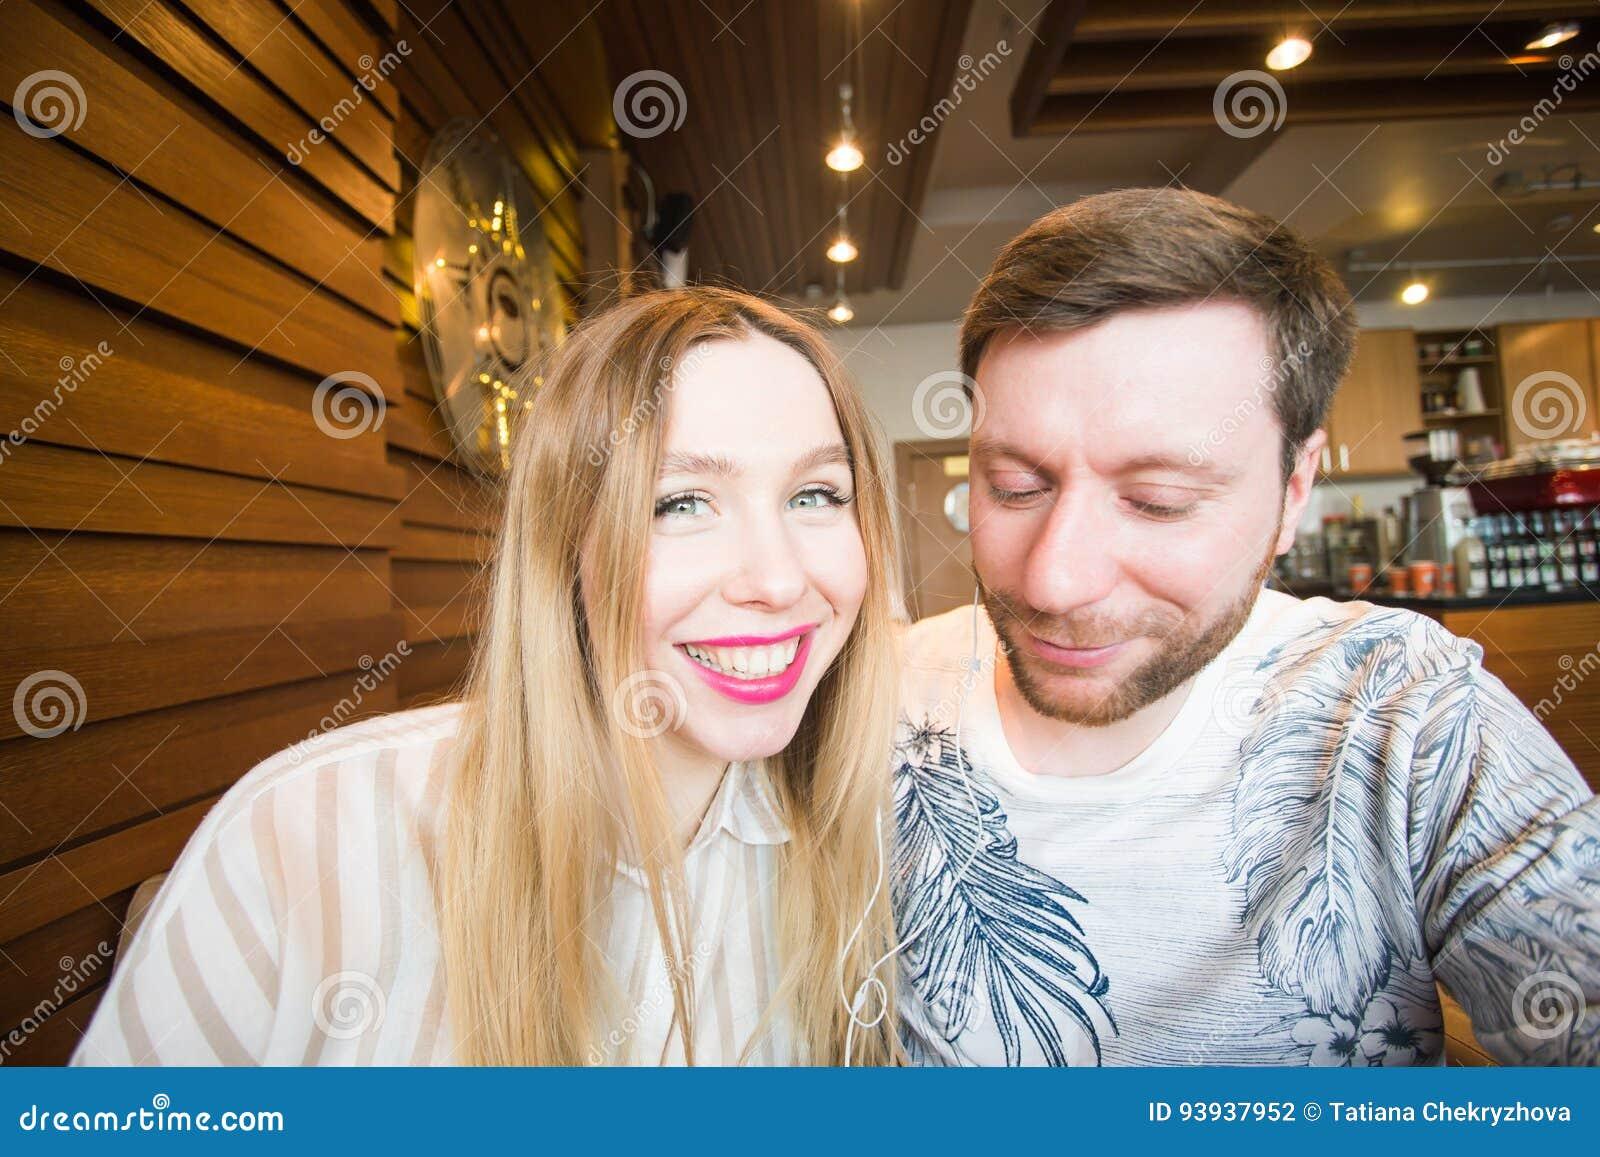 Spielerische Dating Ich habe Angst, mit der Datierung zu beginnen